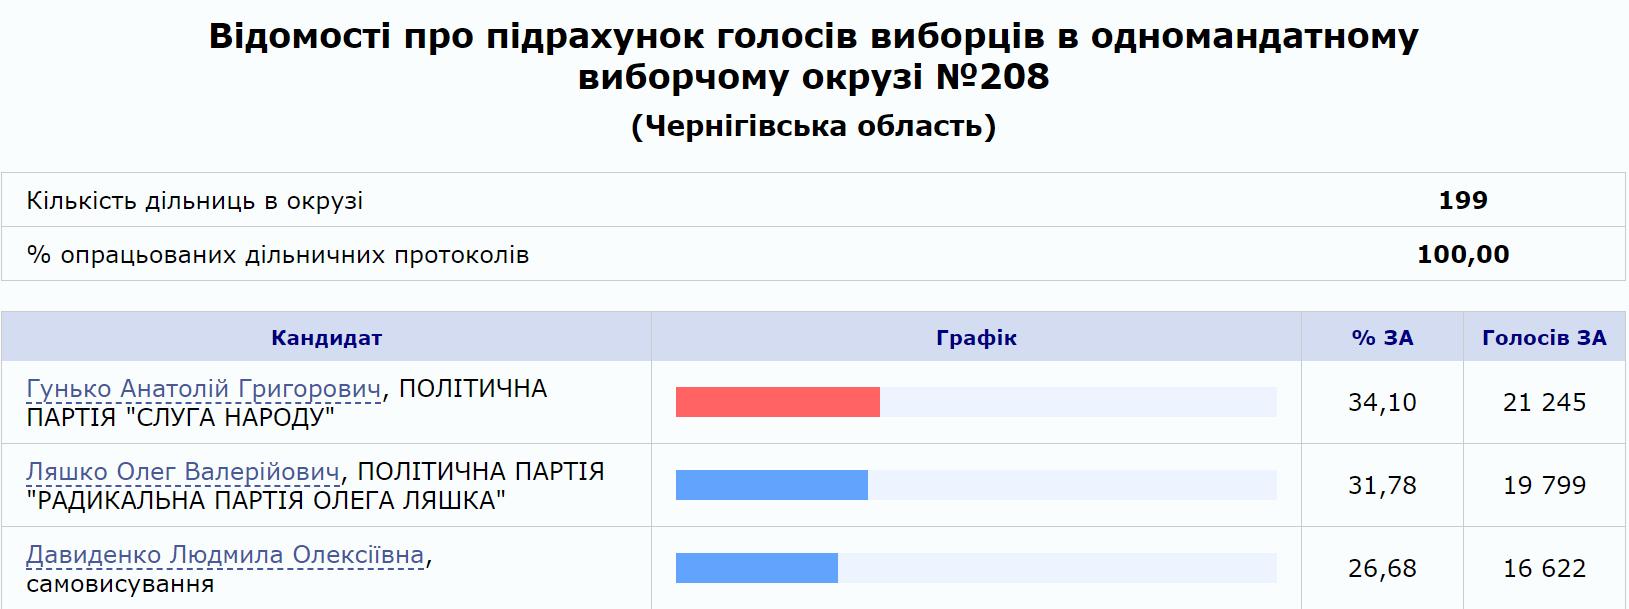 Итоги довыборов в Верховную Раду на 208-м округе